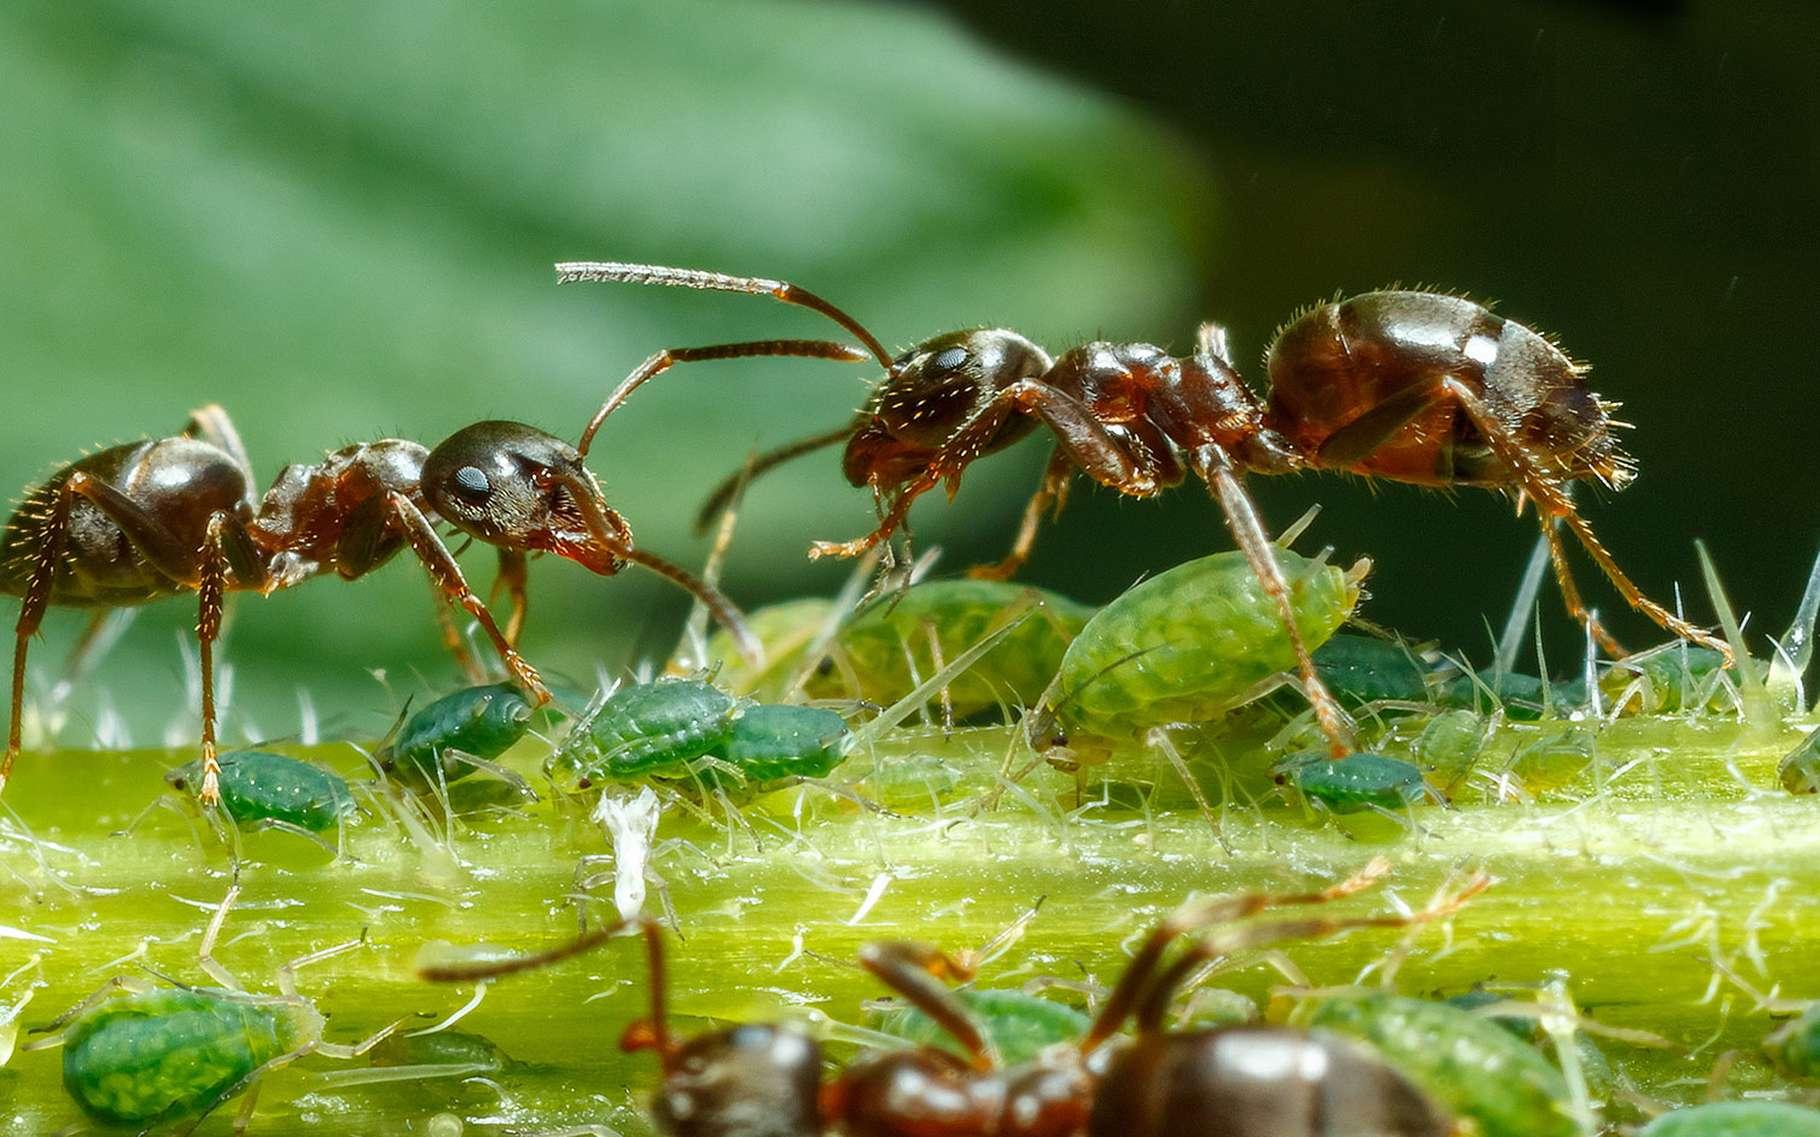 Il n'est pas rare, comme sur cette photo, de trouver des fourmis qui se promènent sur des plantes où sont installés des pucerons. C'est que les pucerons apprécient les sèves riches en sucre. Ce qui donne à leurs déjections – que l'on appelle le miellat -, un goût dont les fourmis raffolent. Et au-delà de fréquenter les mêmes plantes, les fourmis vont même jusqu'à élever les pucerons comme nous le faisons avec le bétail. Elles éloignent certains prédateurs et veillent à la propreté des colonies. Il leur arrive aussi d'aider les pucerons à se déplacer lorsque la sève vient à leur manquer. © Szasz-Fabian Jozsef, Fotolia